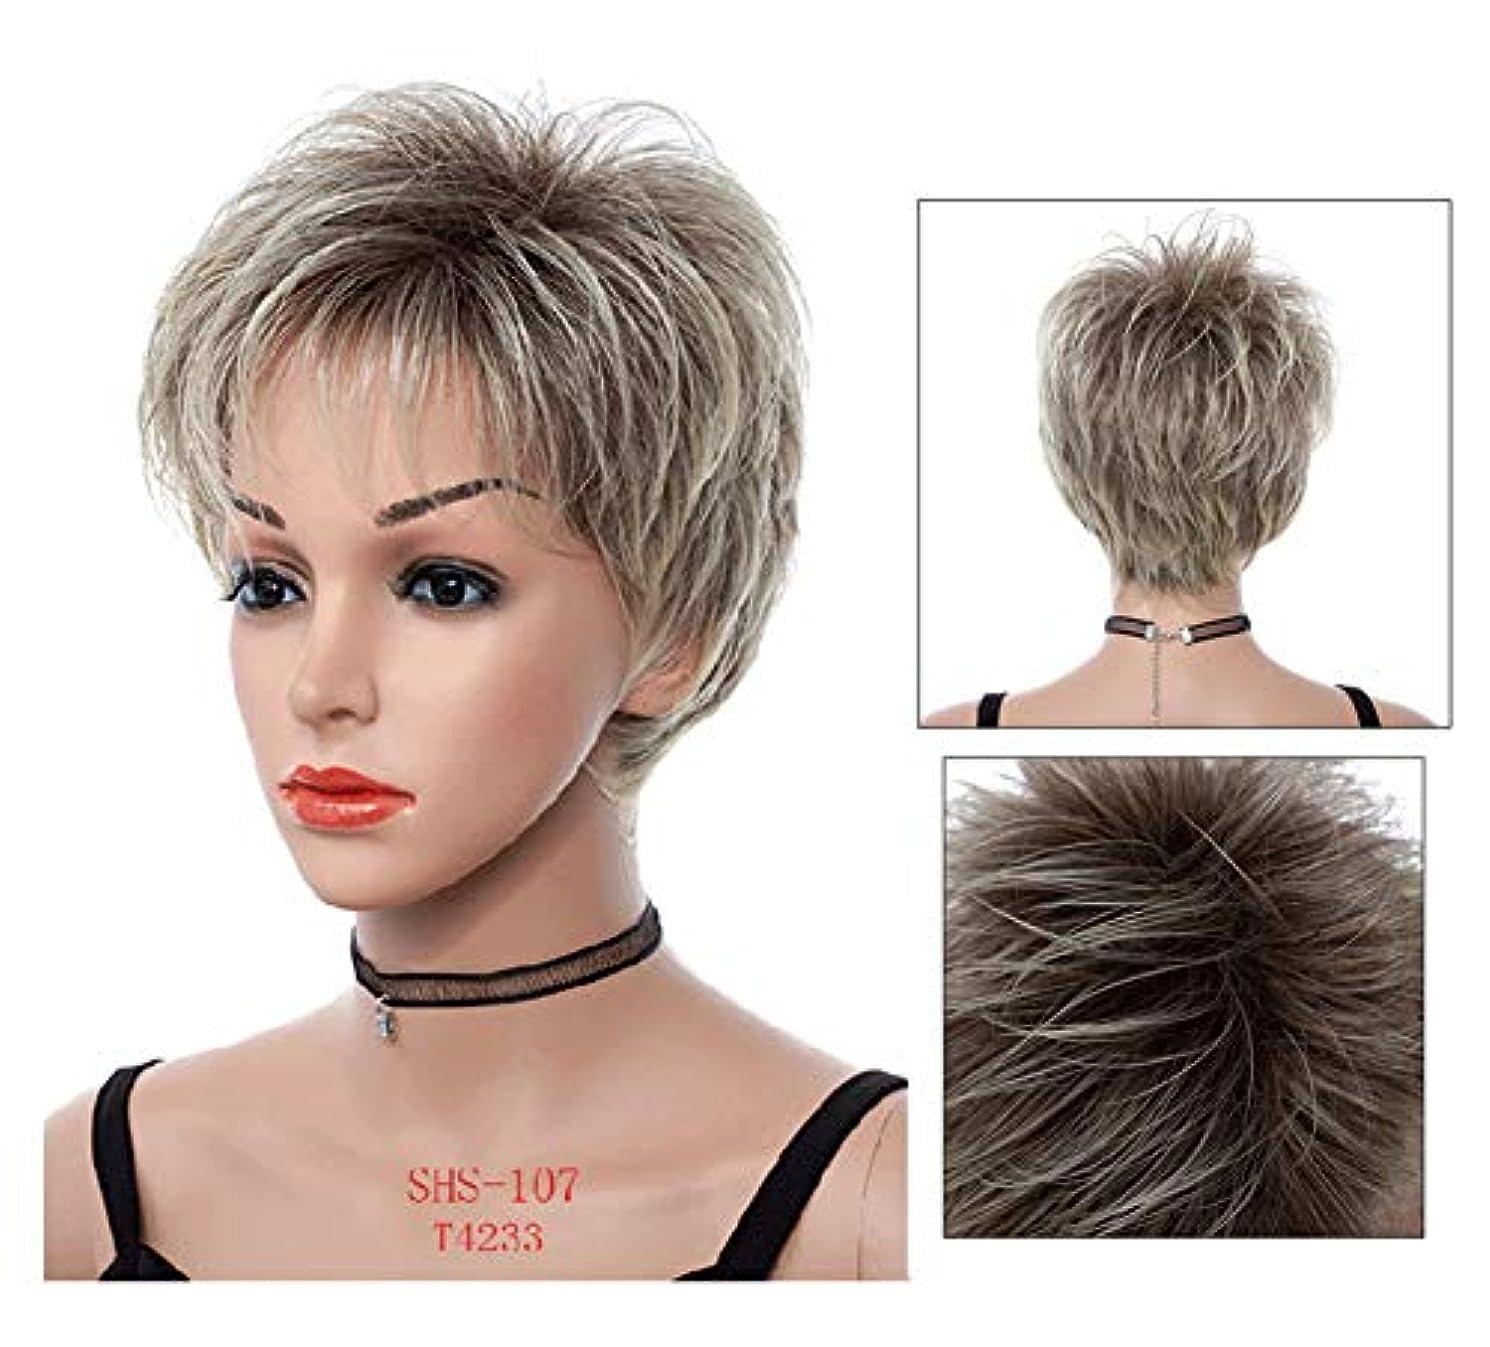 支配するレクリエーションパドル女性用フルウィッグ、デイリードレスコスプレパーティーヘアピース用8 ''ナチュラルショートヘア